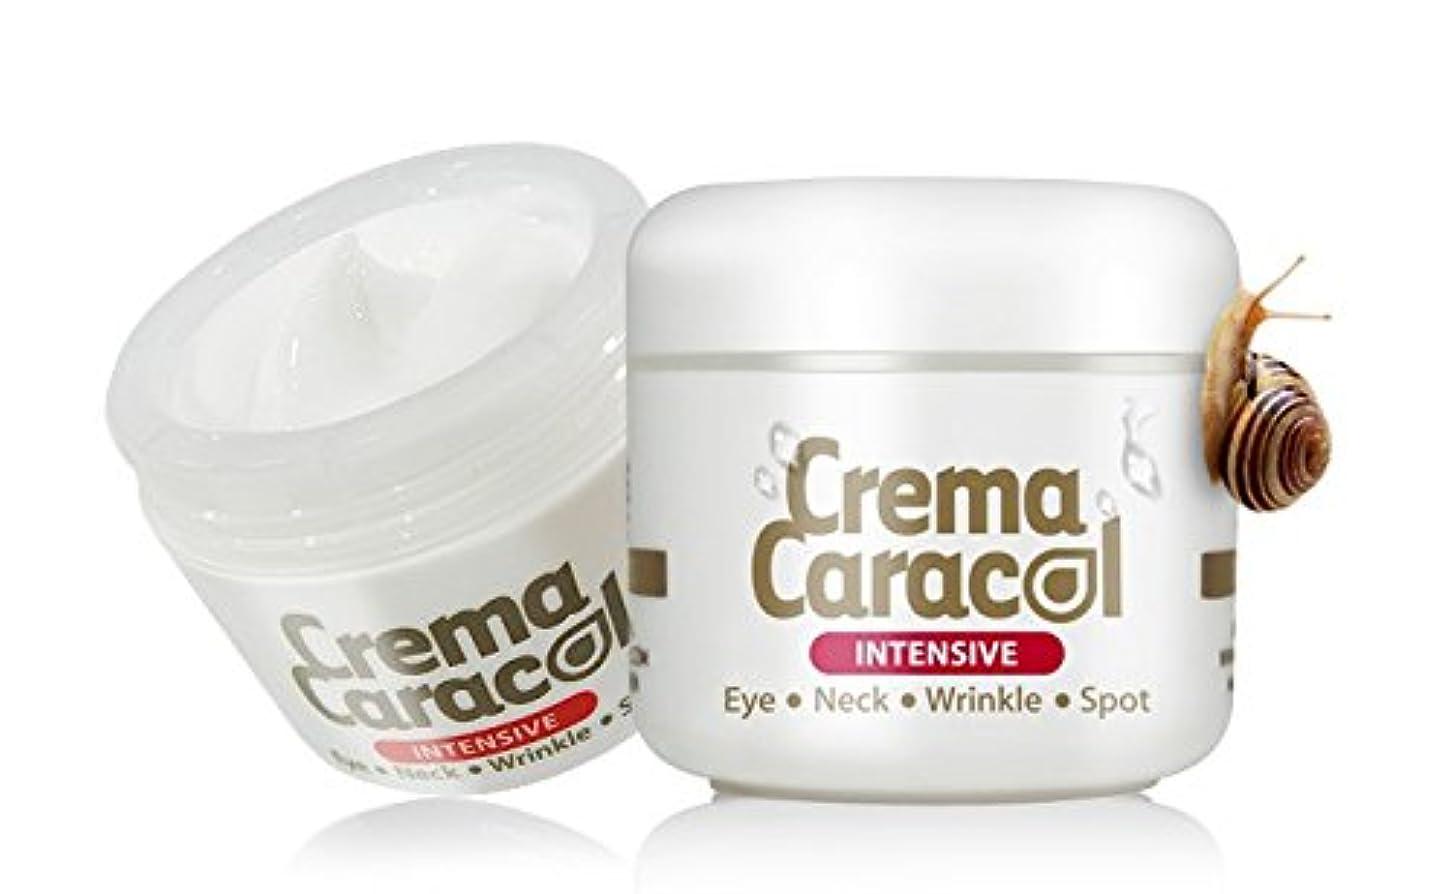 燃やすランプ排他的[2EA] Jaminkyung Crema Caracol Intensive Cream/ジャミンギョン [孜民耕] カタツムリ(かたつむり) インテンシブクリーム 2個 [並行輸入品]